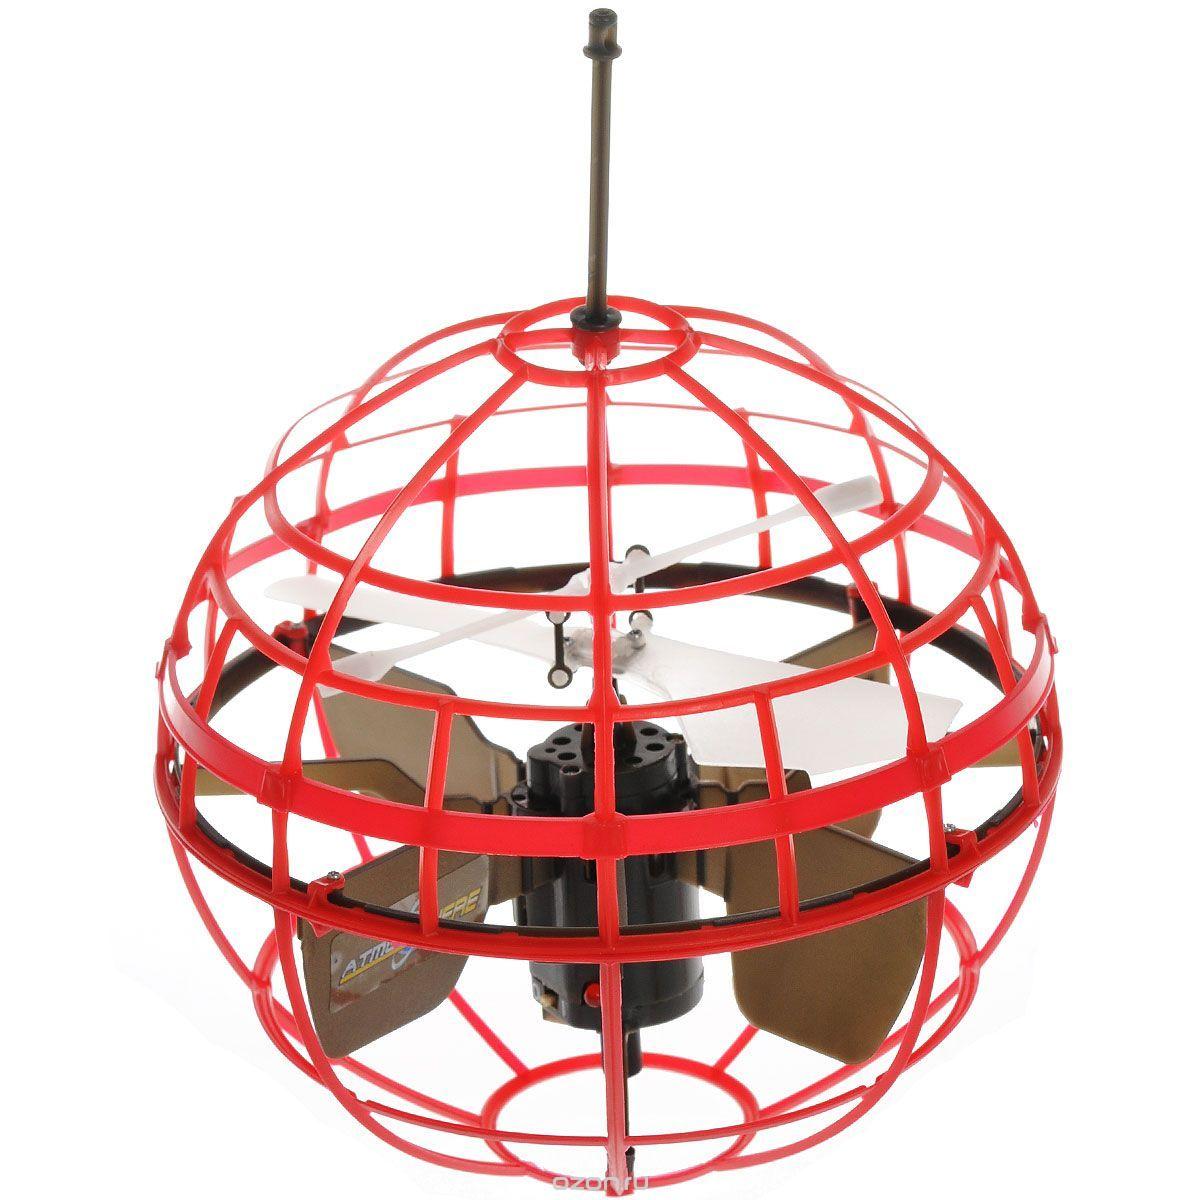 Air Hogs Игрушка на радиоуправлении Atmosphere Axis цвет красный